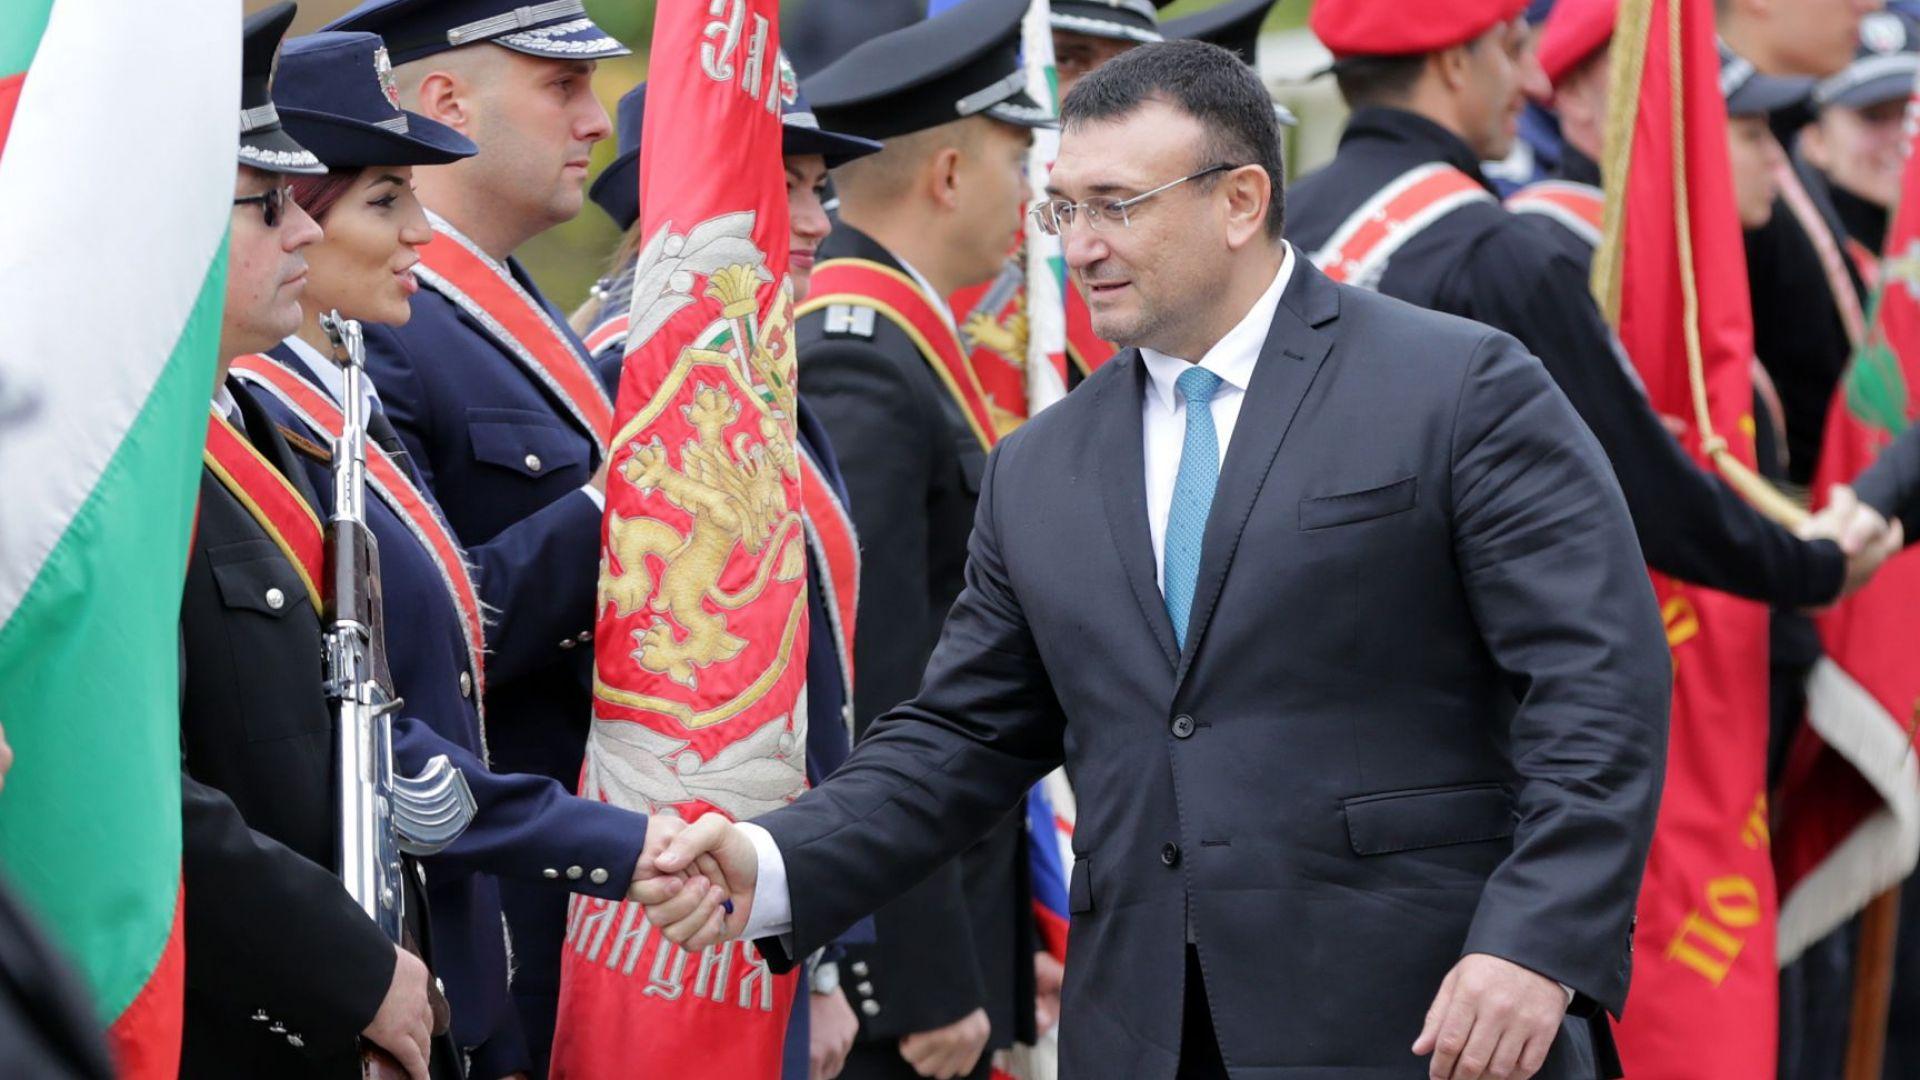 Вътрешният министър поздрави служителите на МВР по повод празника (снимки)